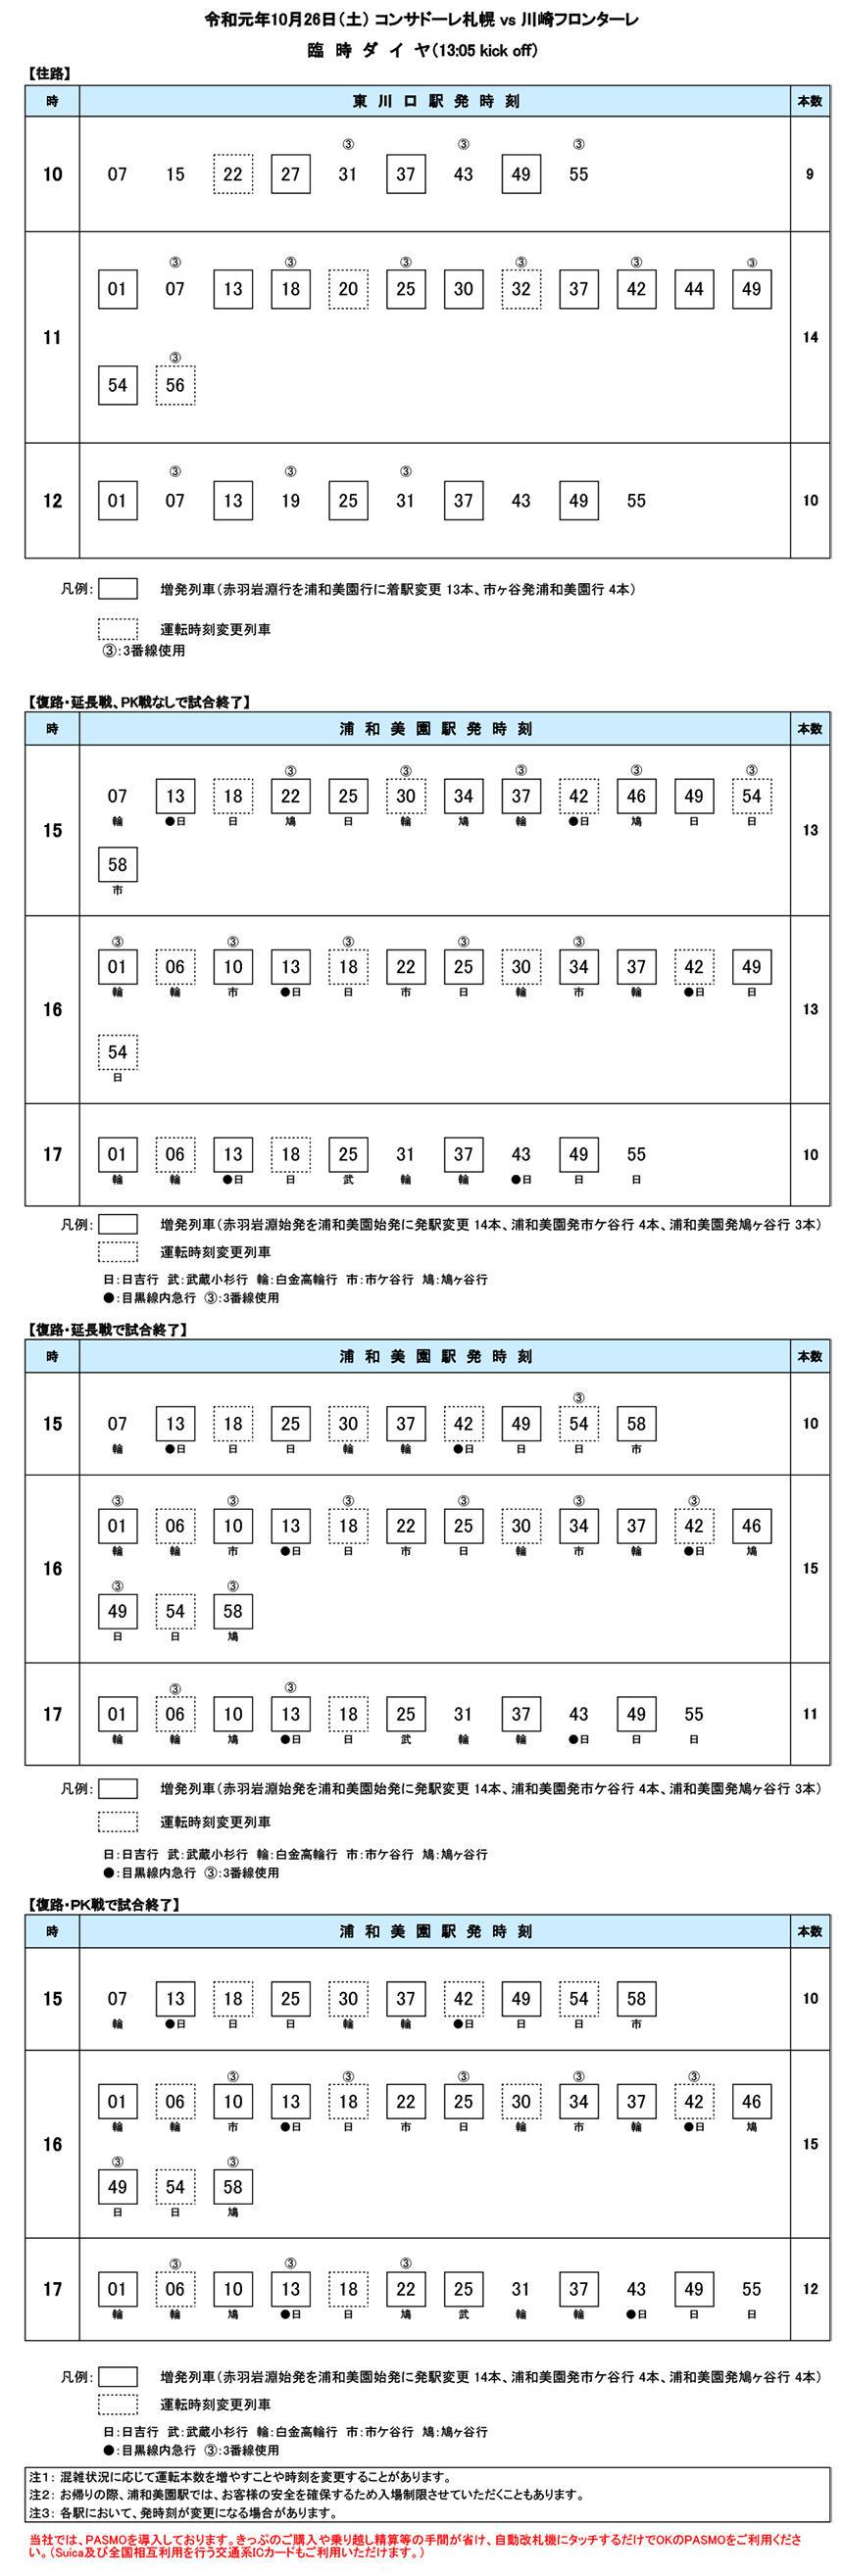 rinji20191026.jpg